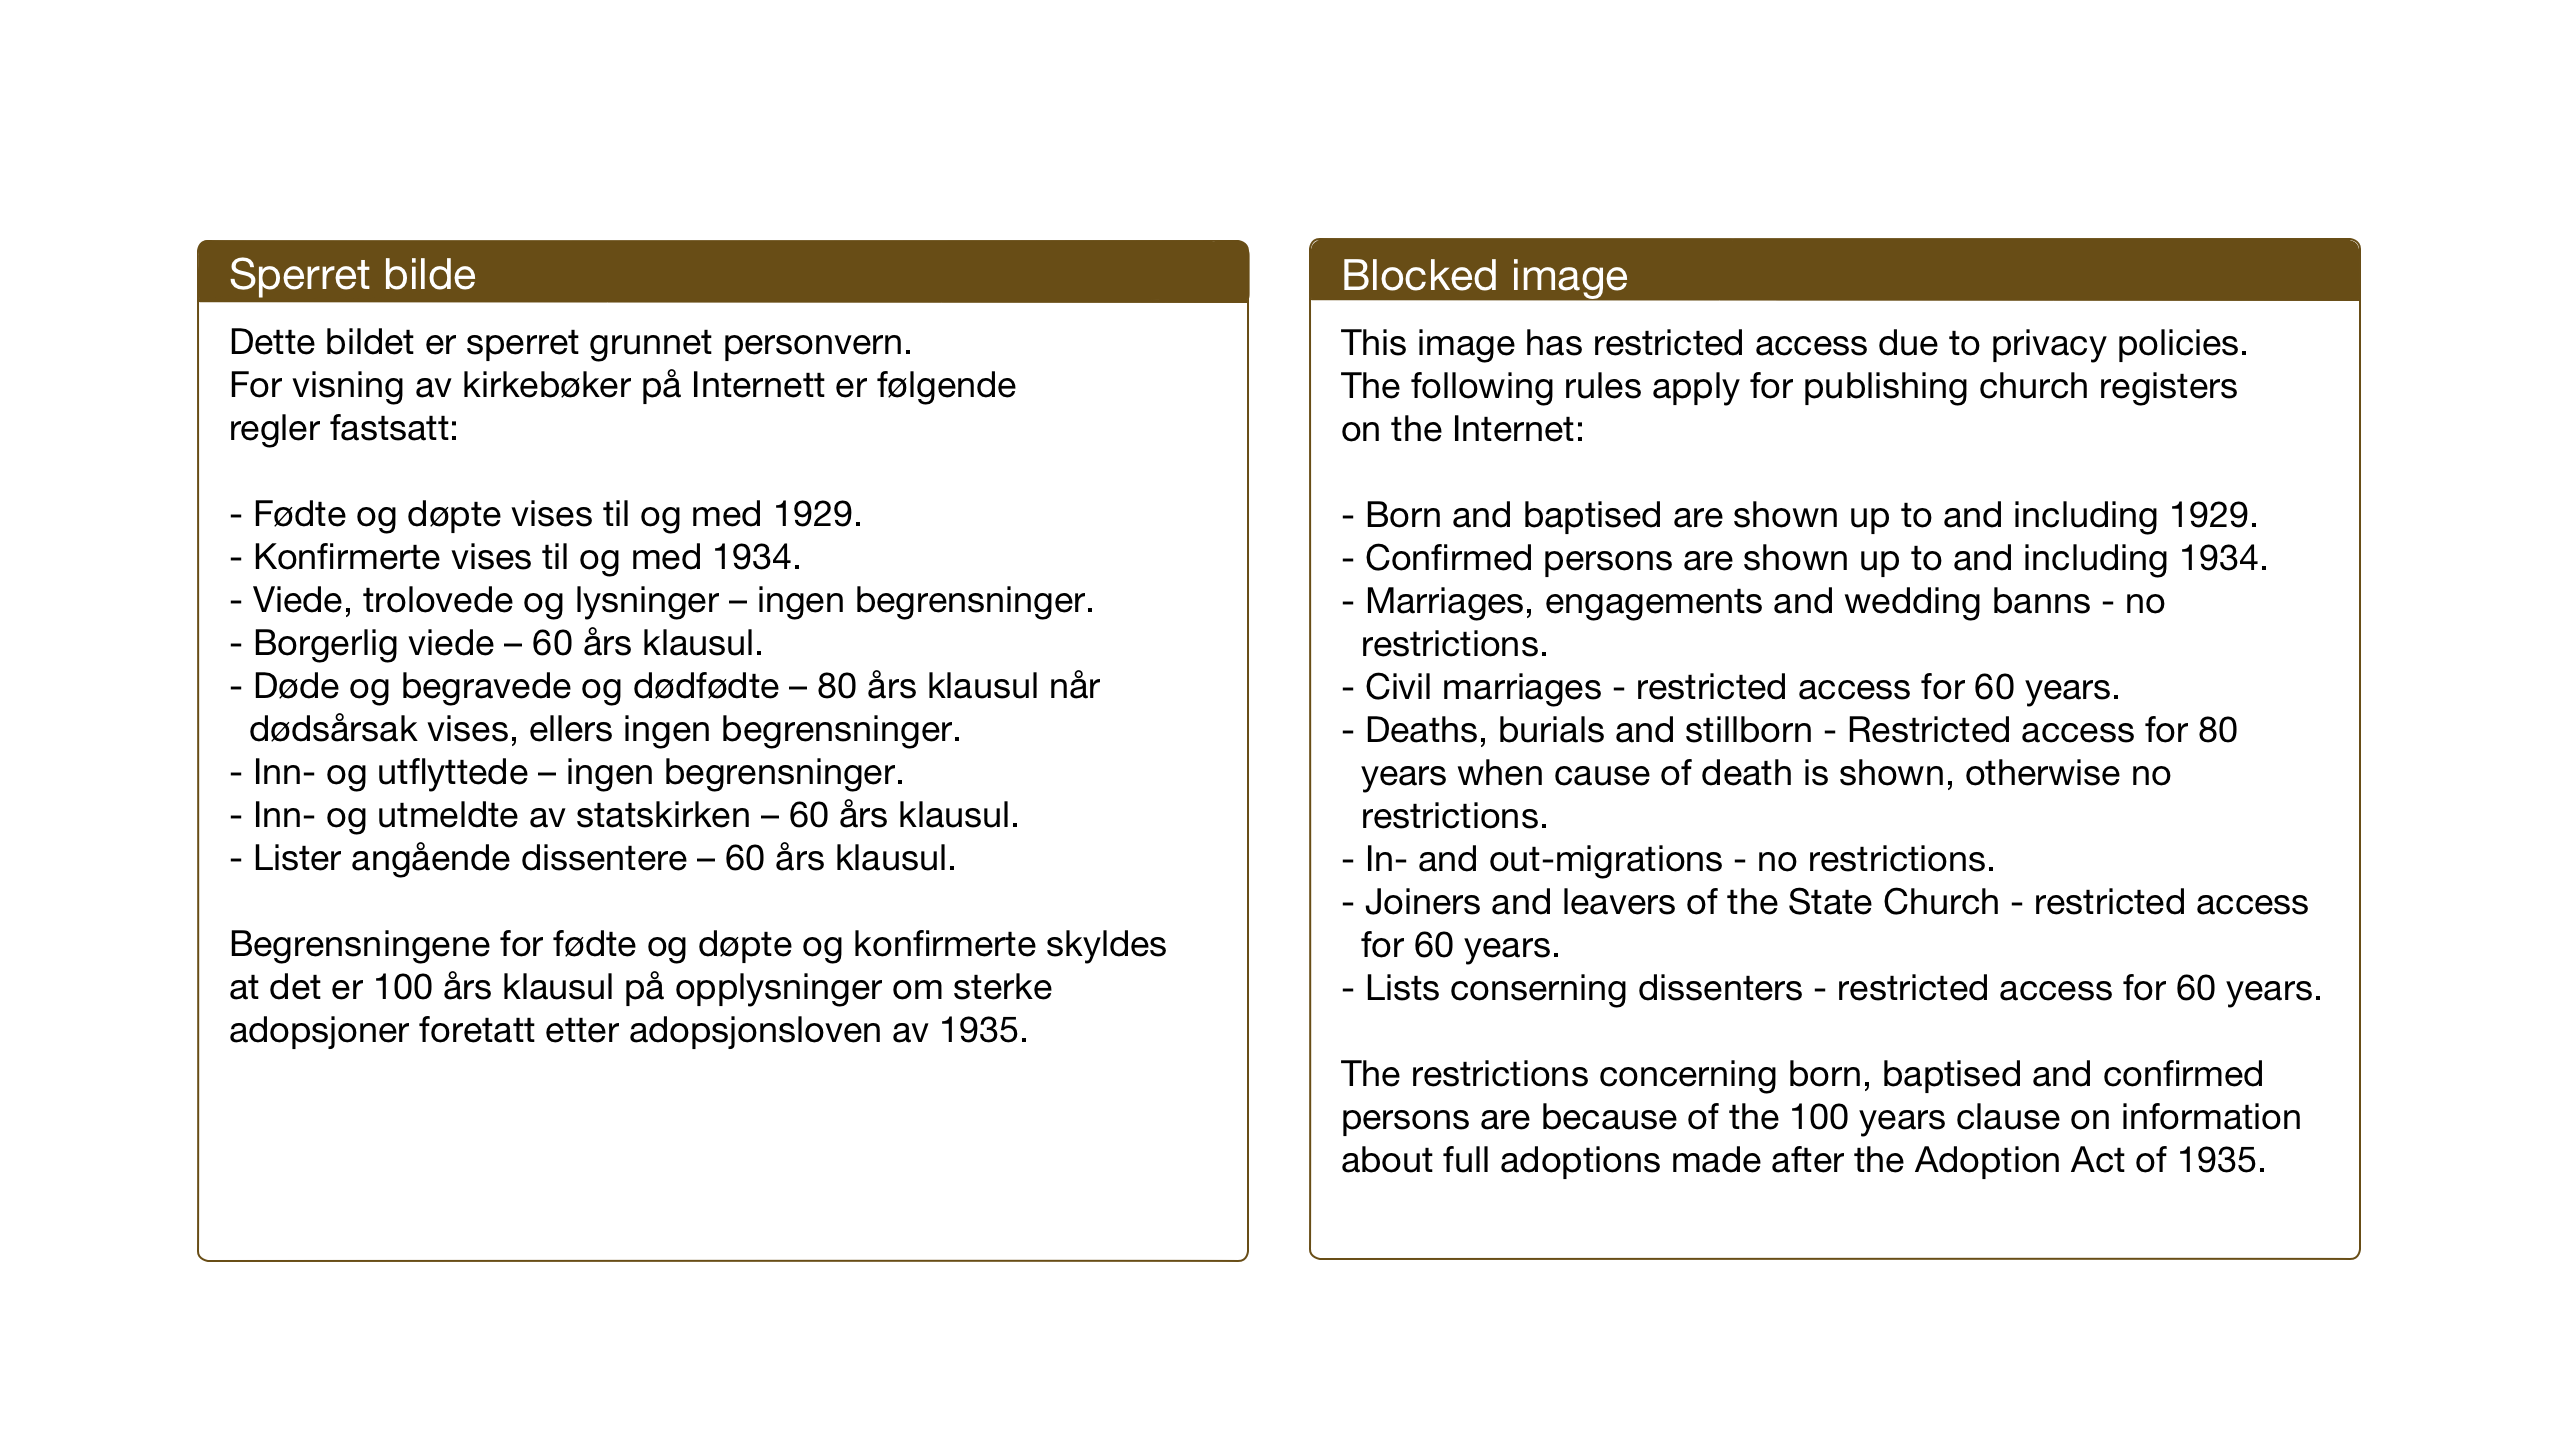 SAT, Ministerialprotokoller, klokkerbøker og fødselsregistre - Sør-Trøndelag, 637/L0564: Klokkerbok nr. 637C05, 1928-1968, s. 134